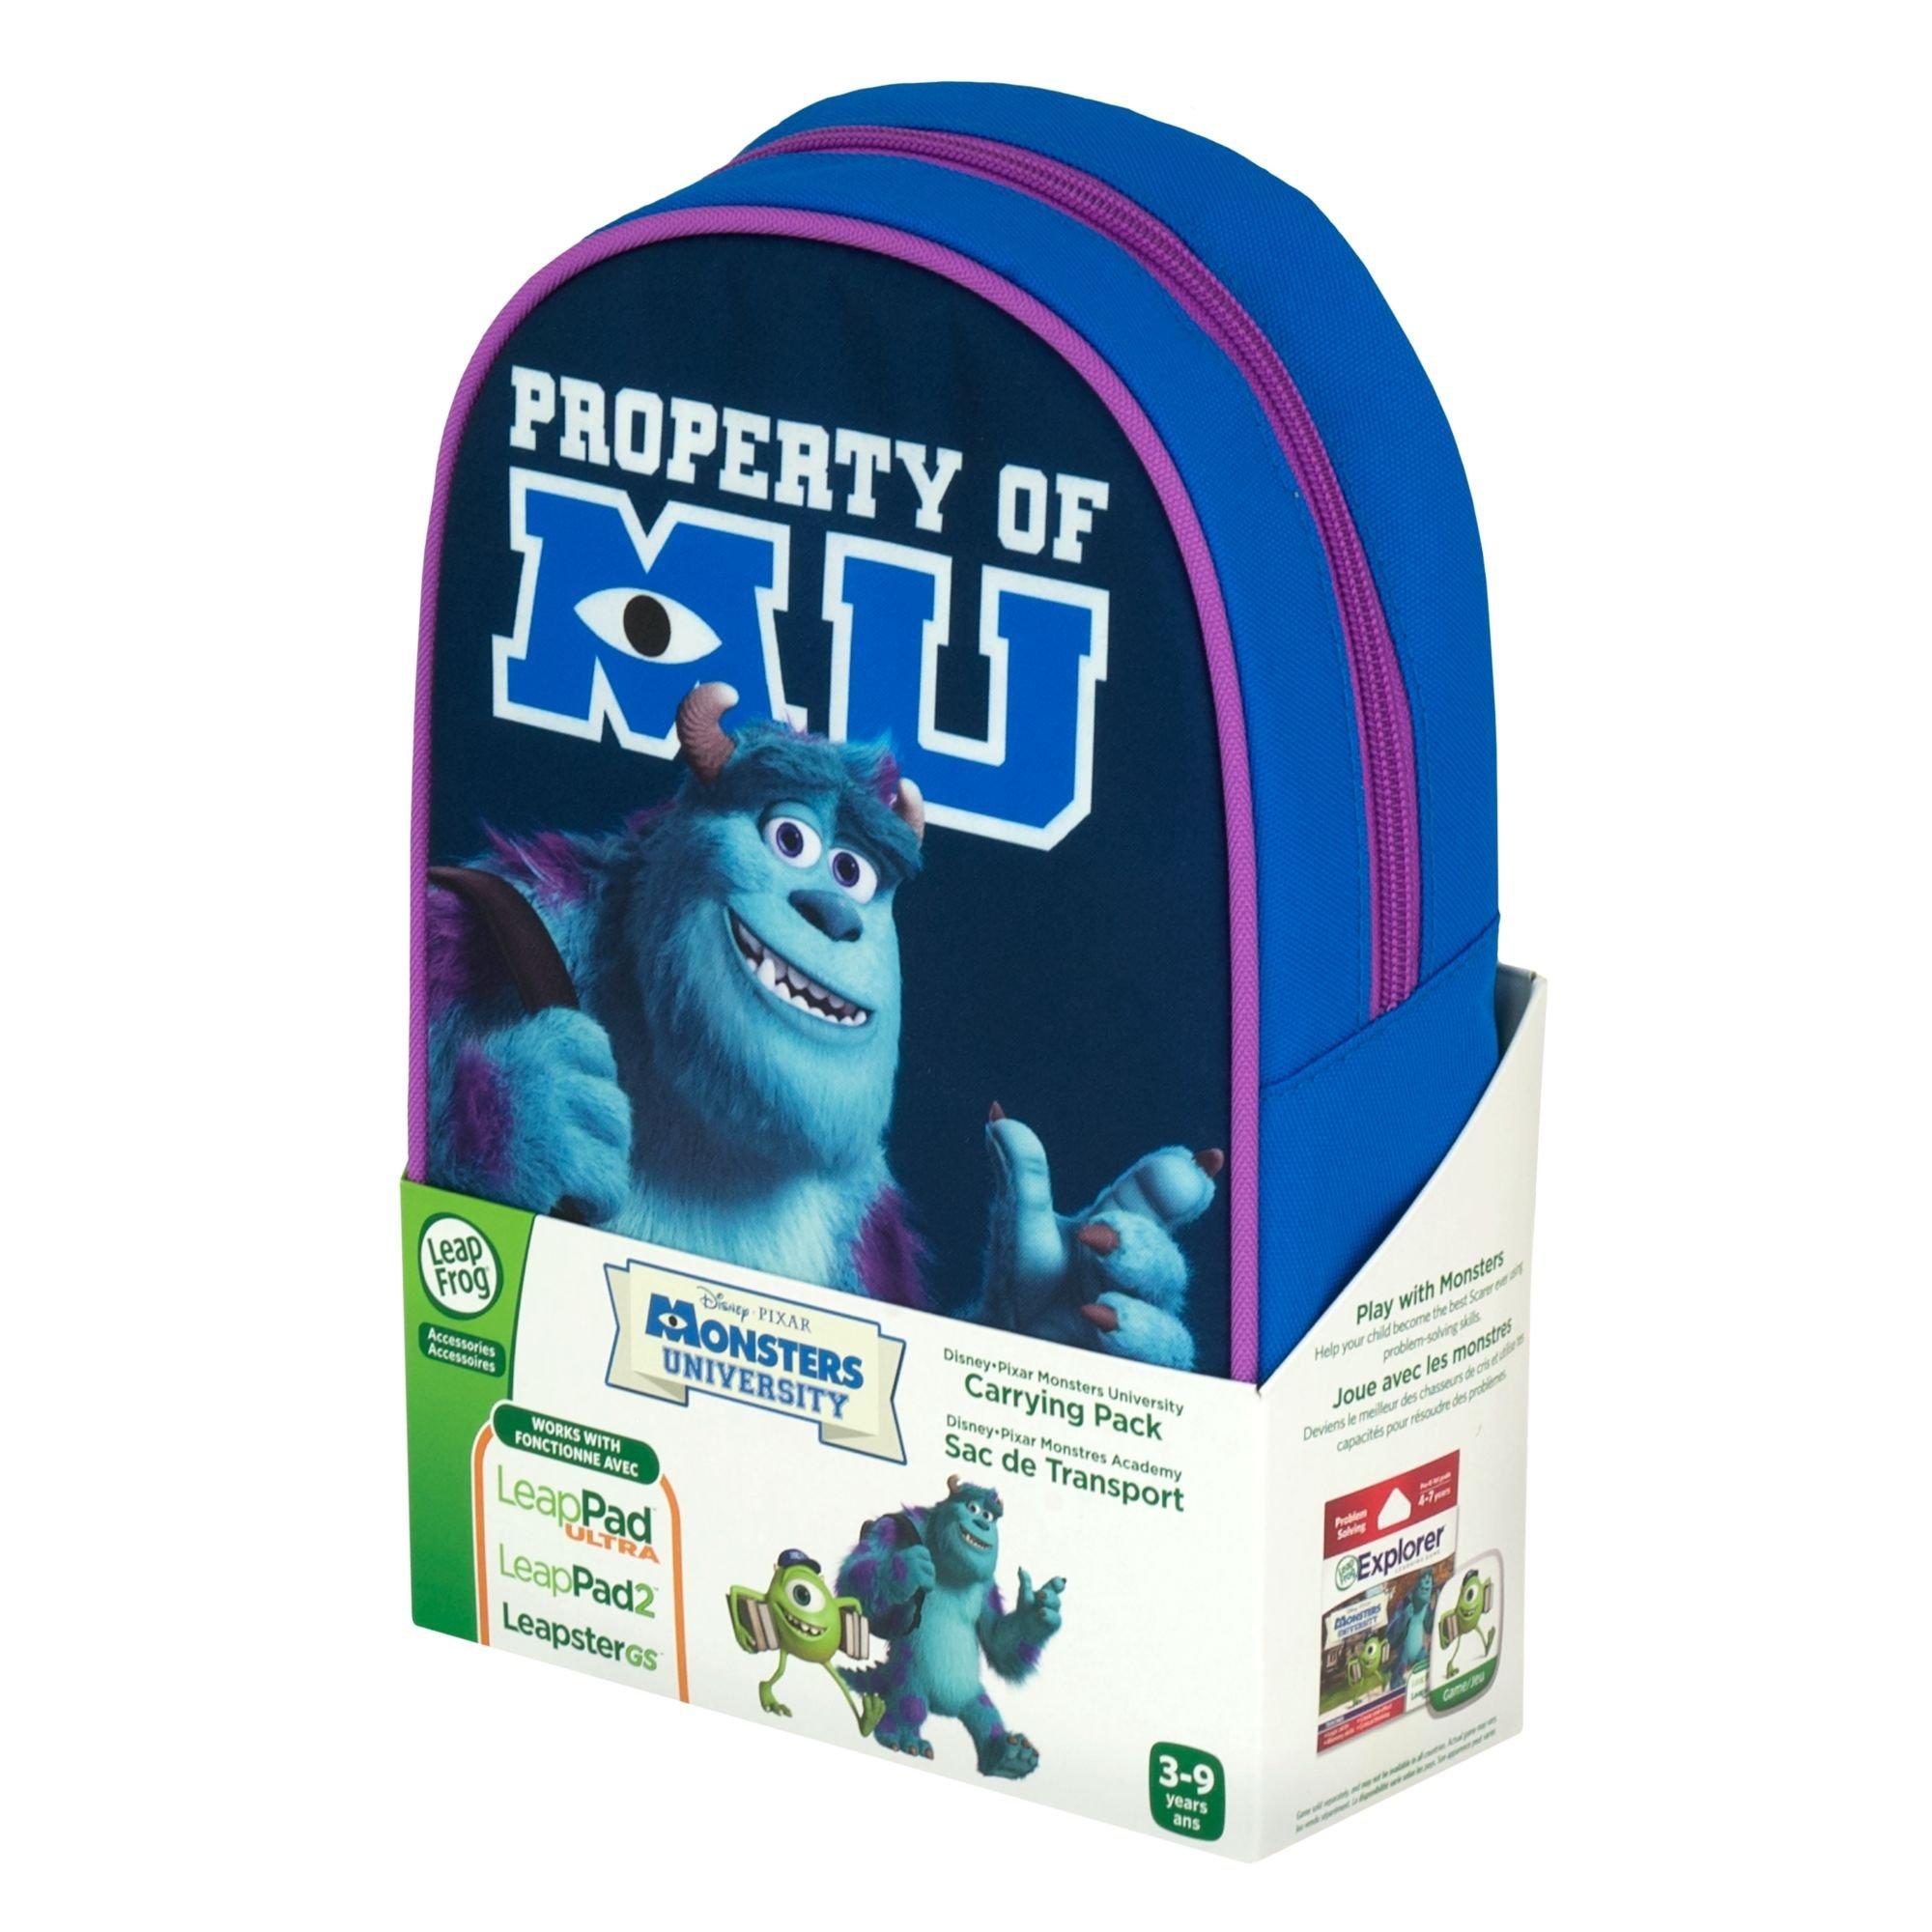 LeapFrog Disney Pixar Monsters University Carrying Pack by LeapFrog (Image #1)